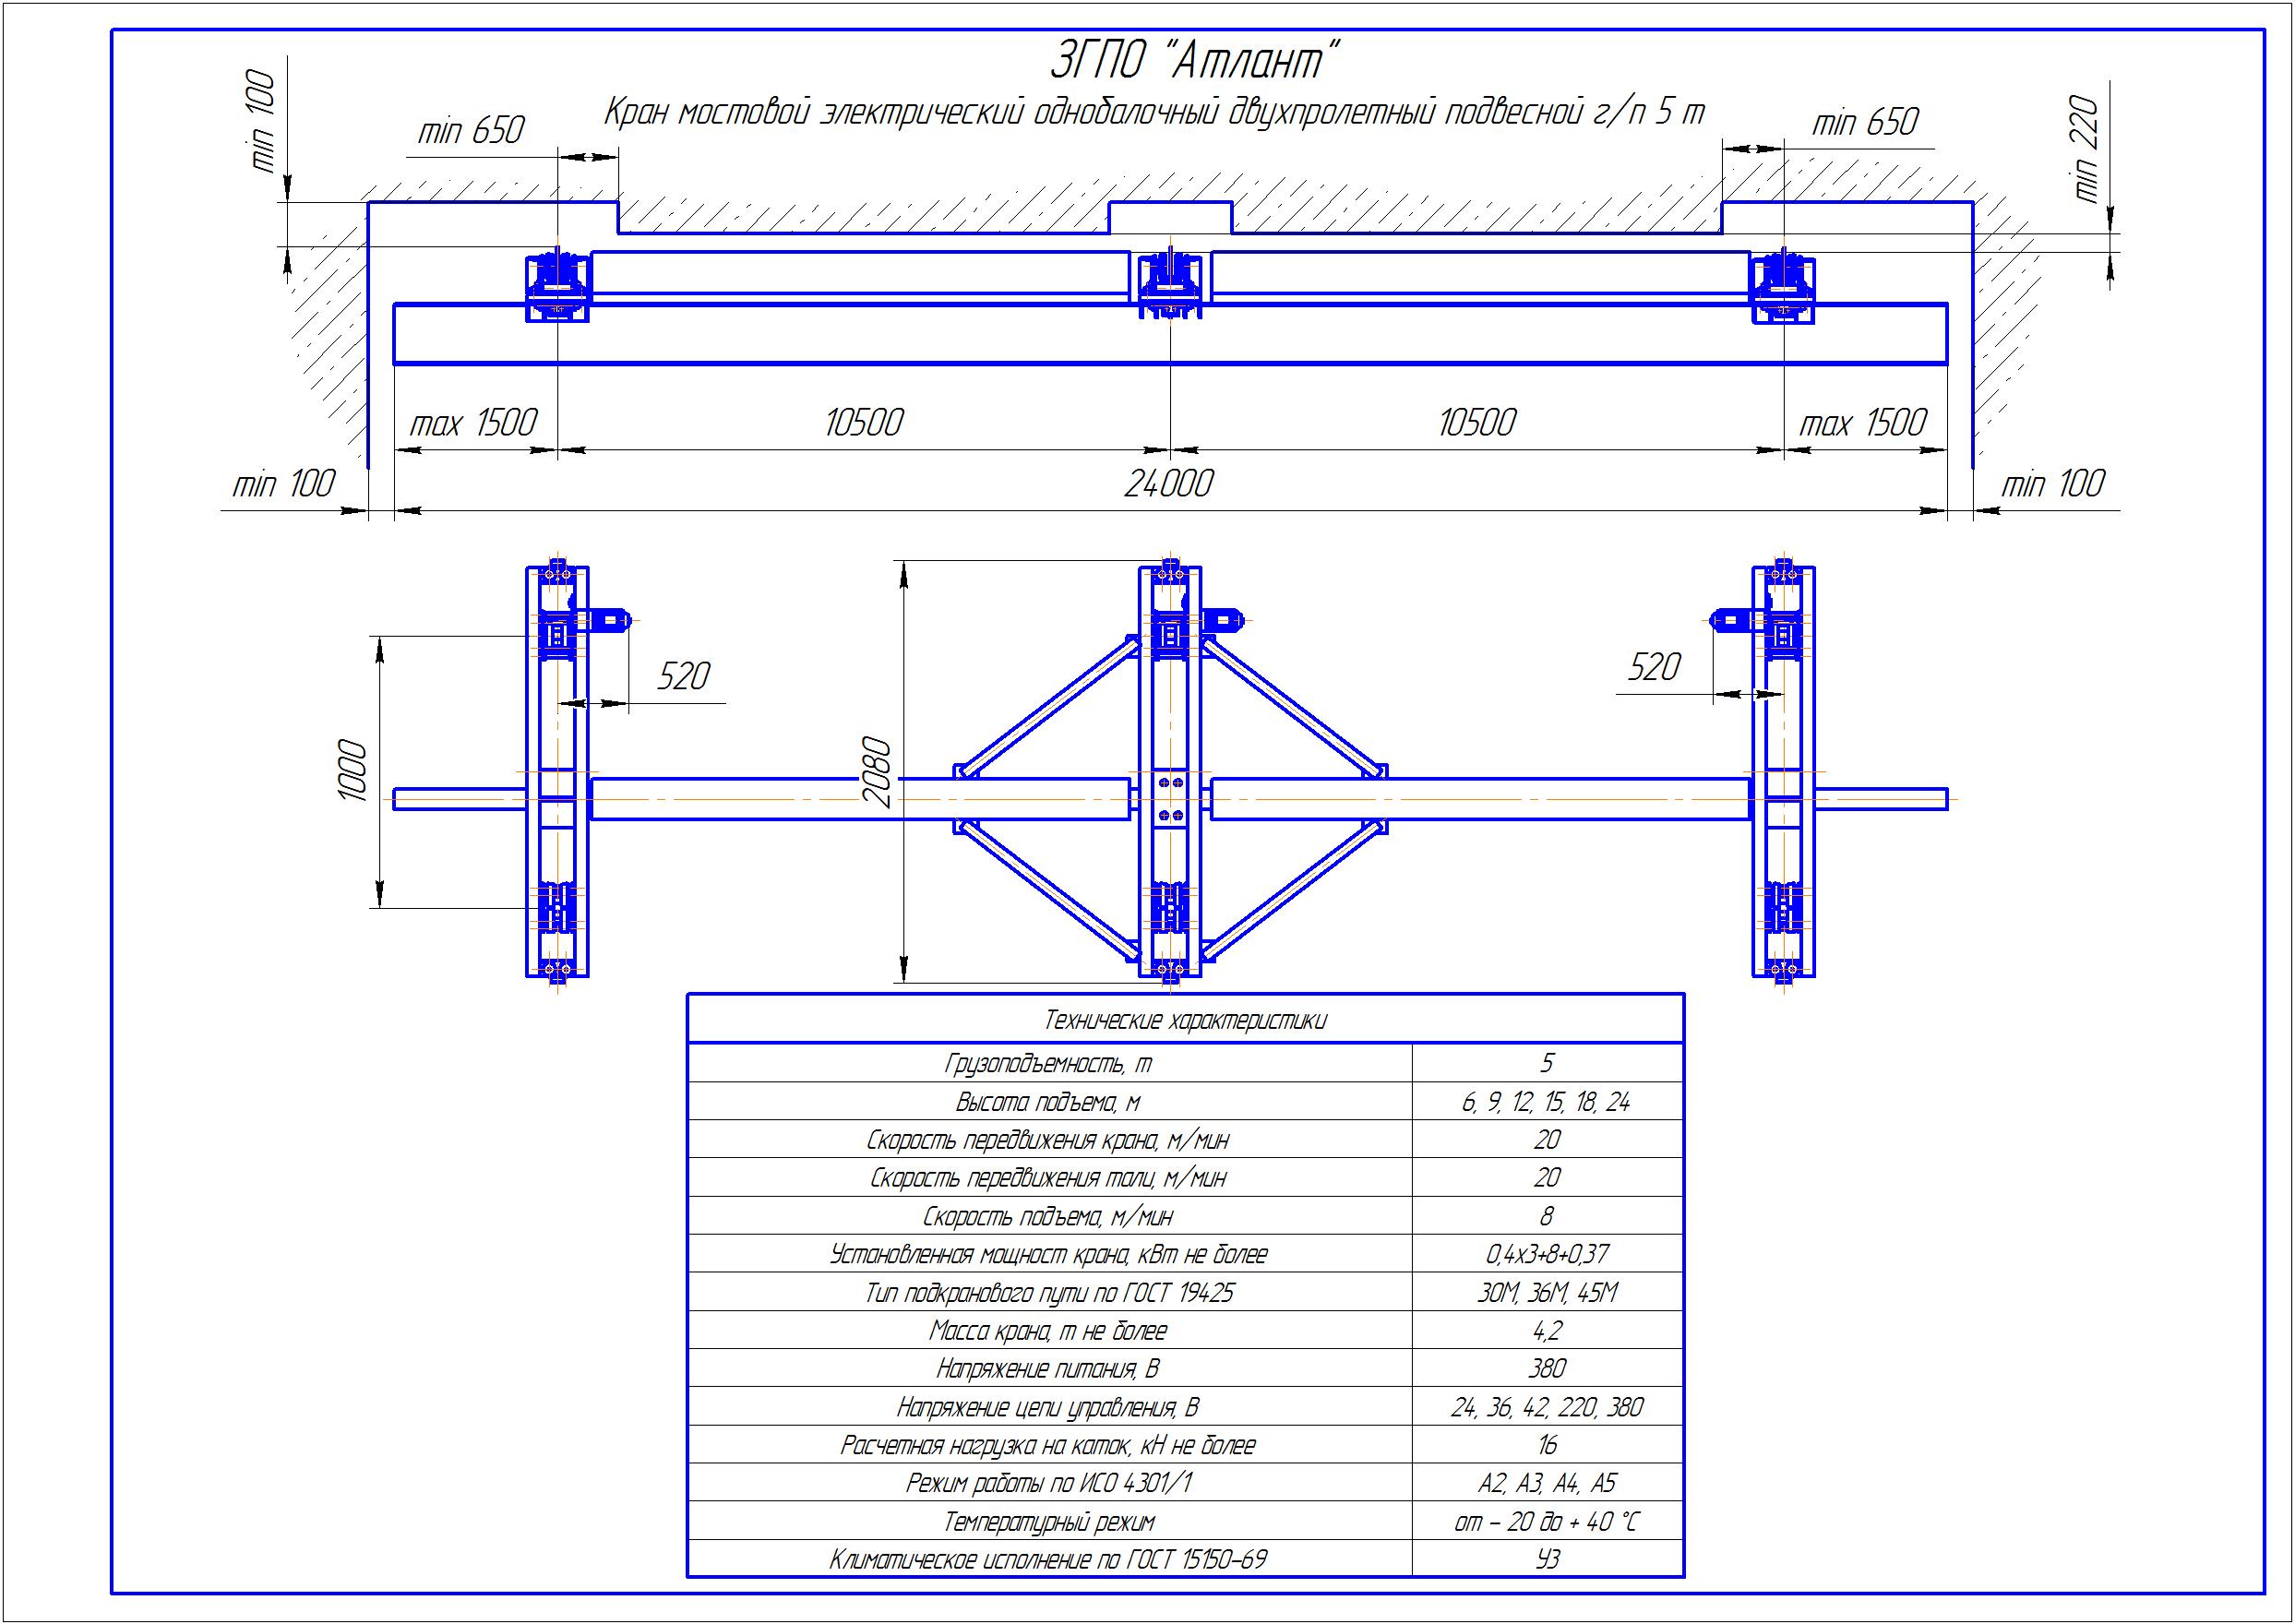 KBPD 4 3 - Подвесная кран балка двухпролетная